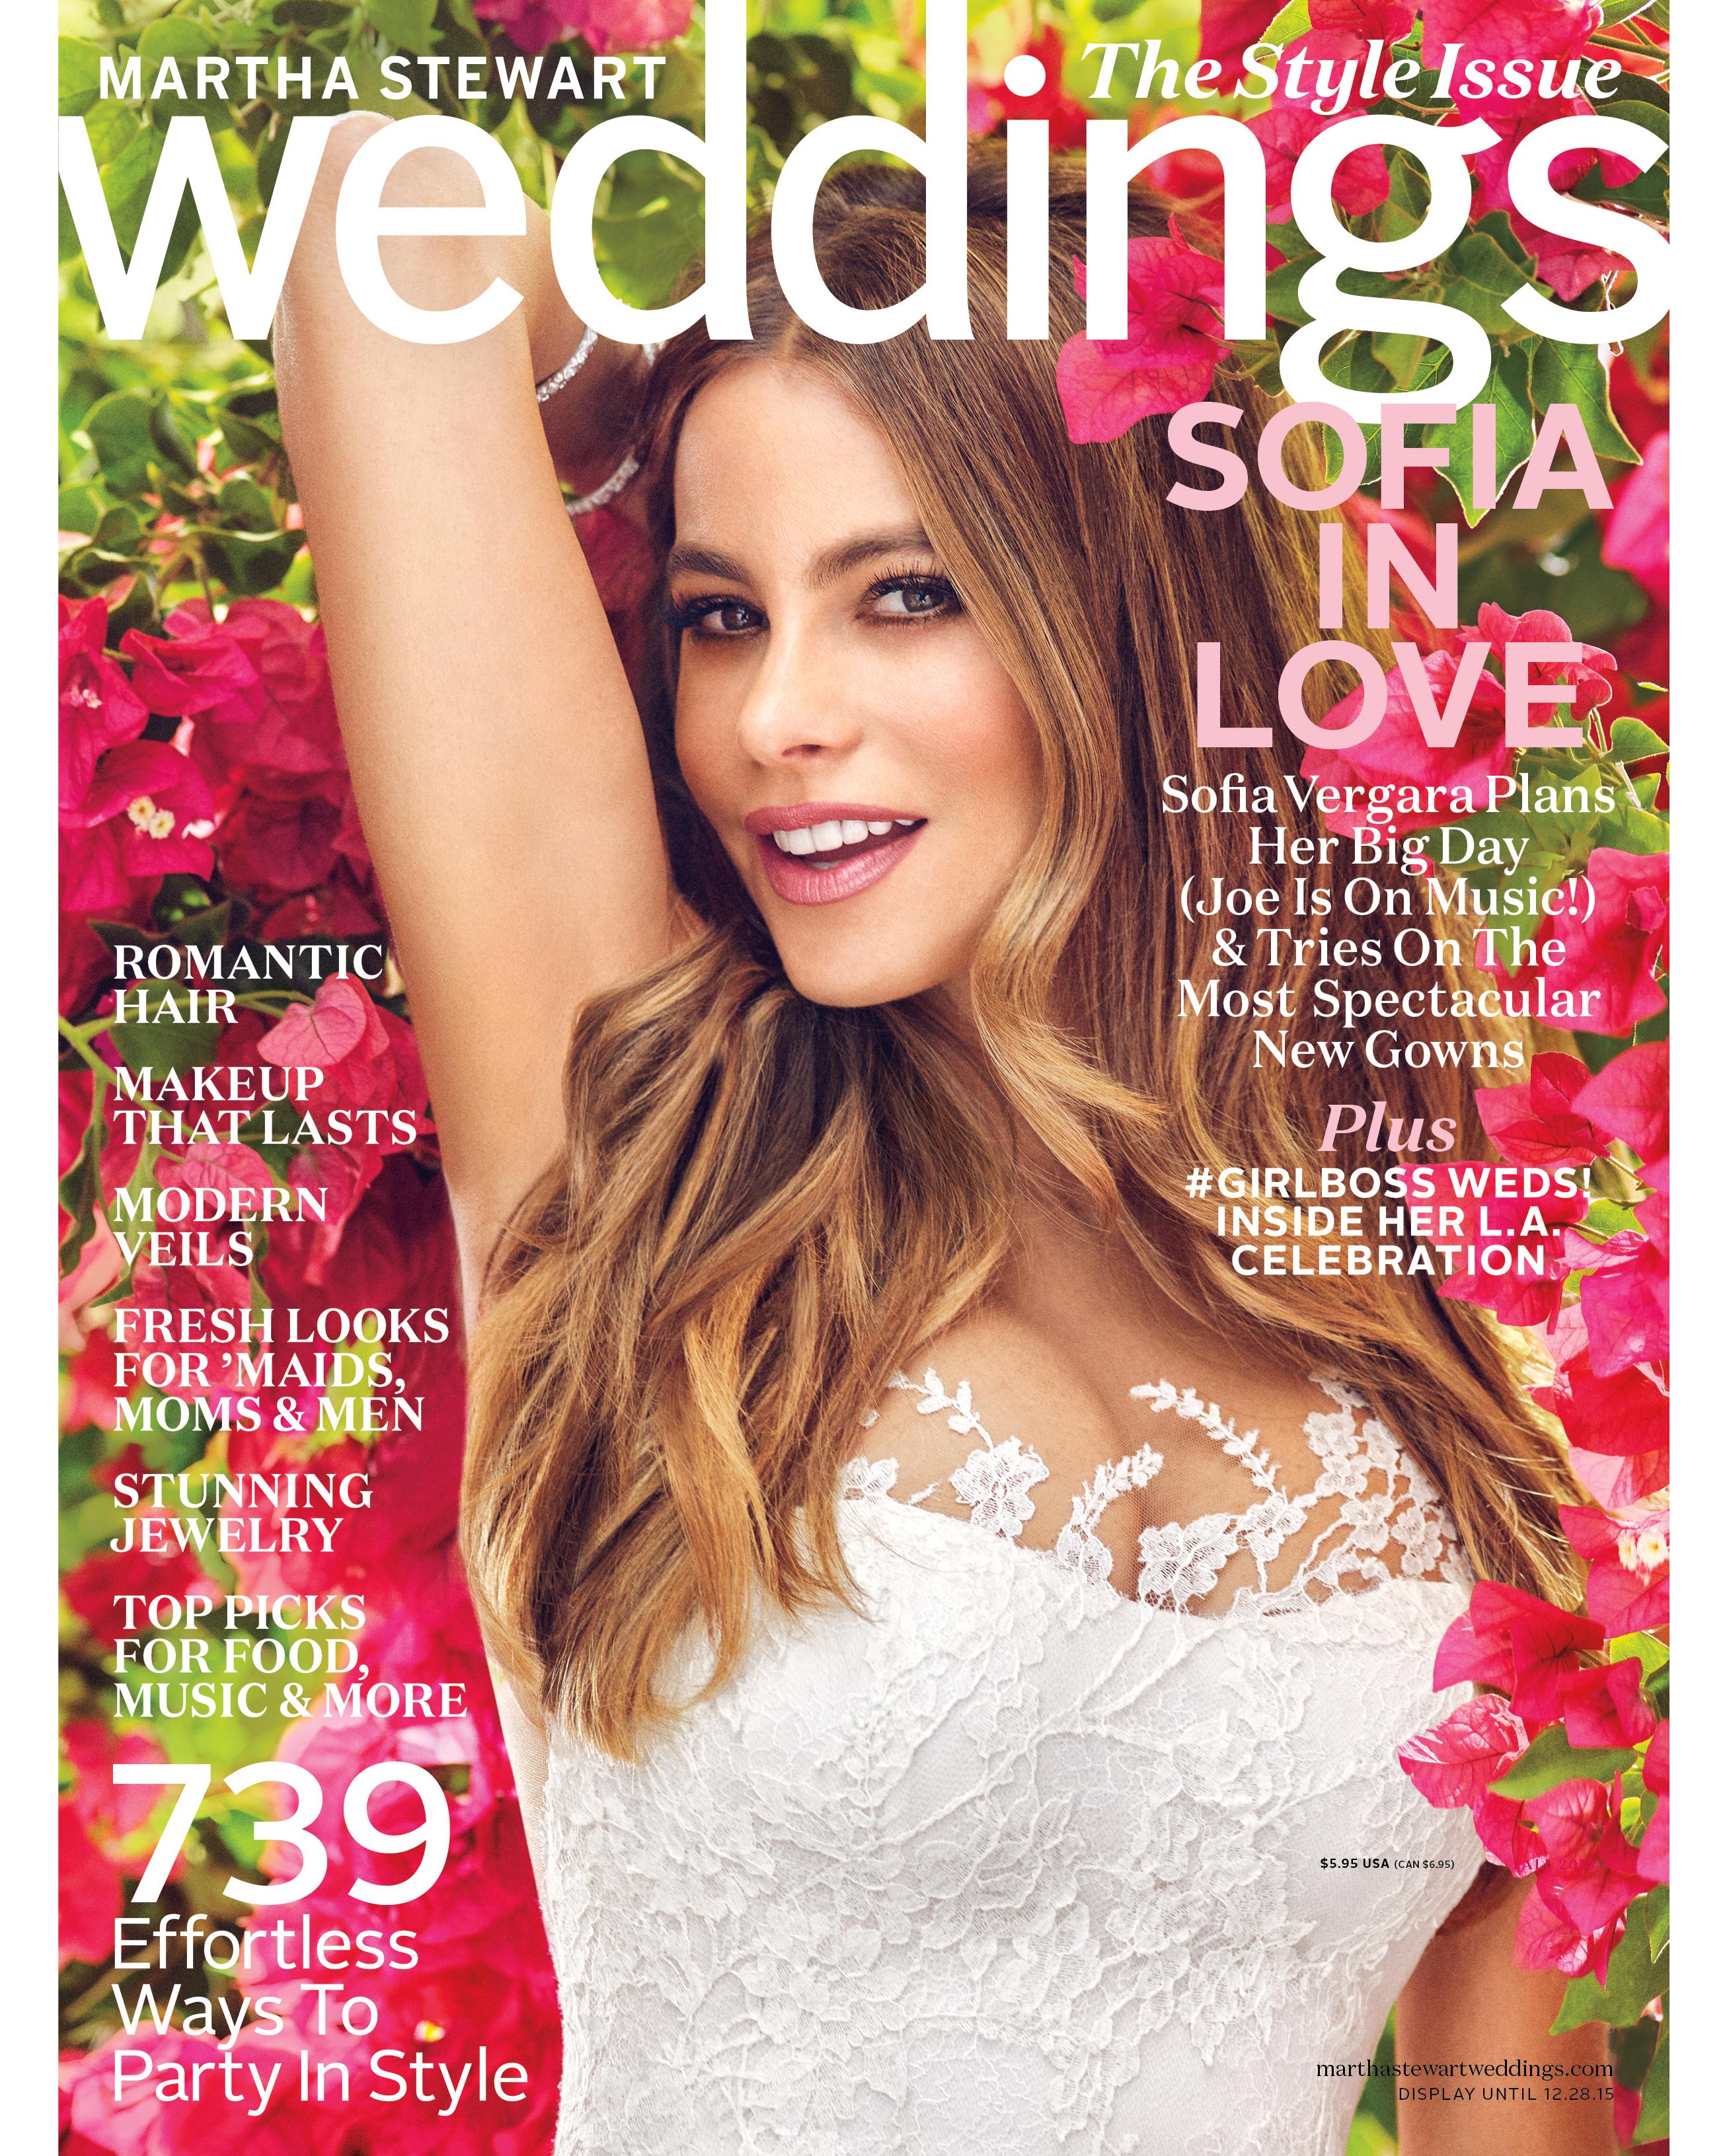 sofia-vergara-martha-stewart-weddings-cover-text-bougainvillea-bridal-gown-043v2-d112252.jpg